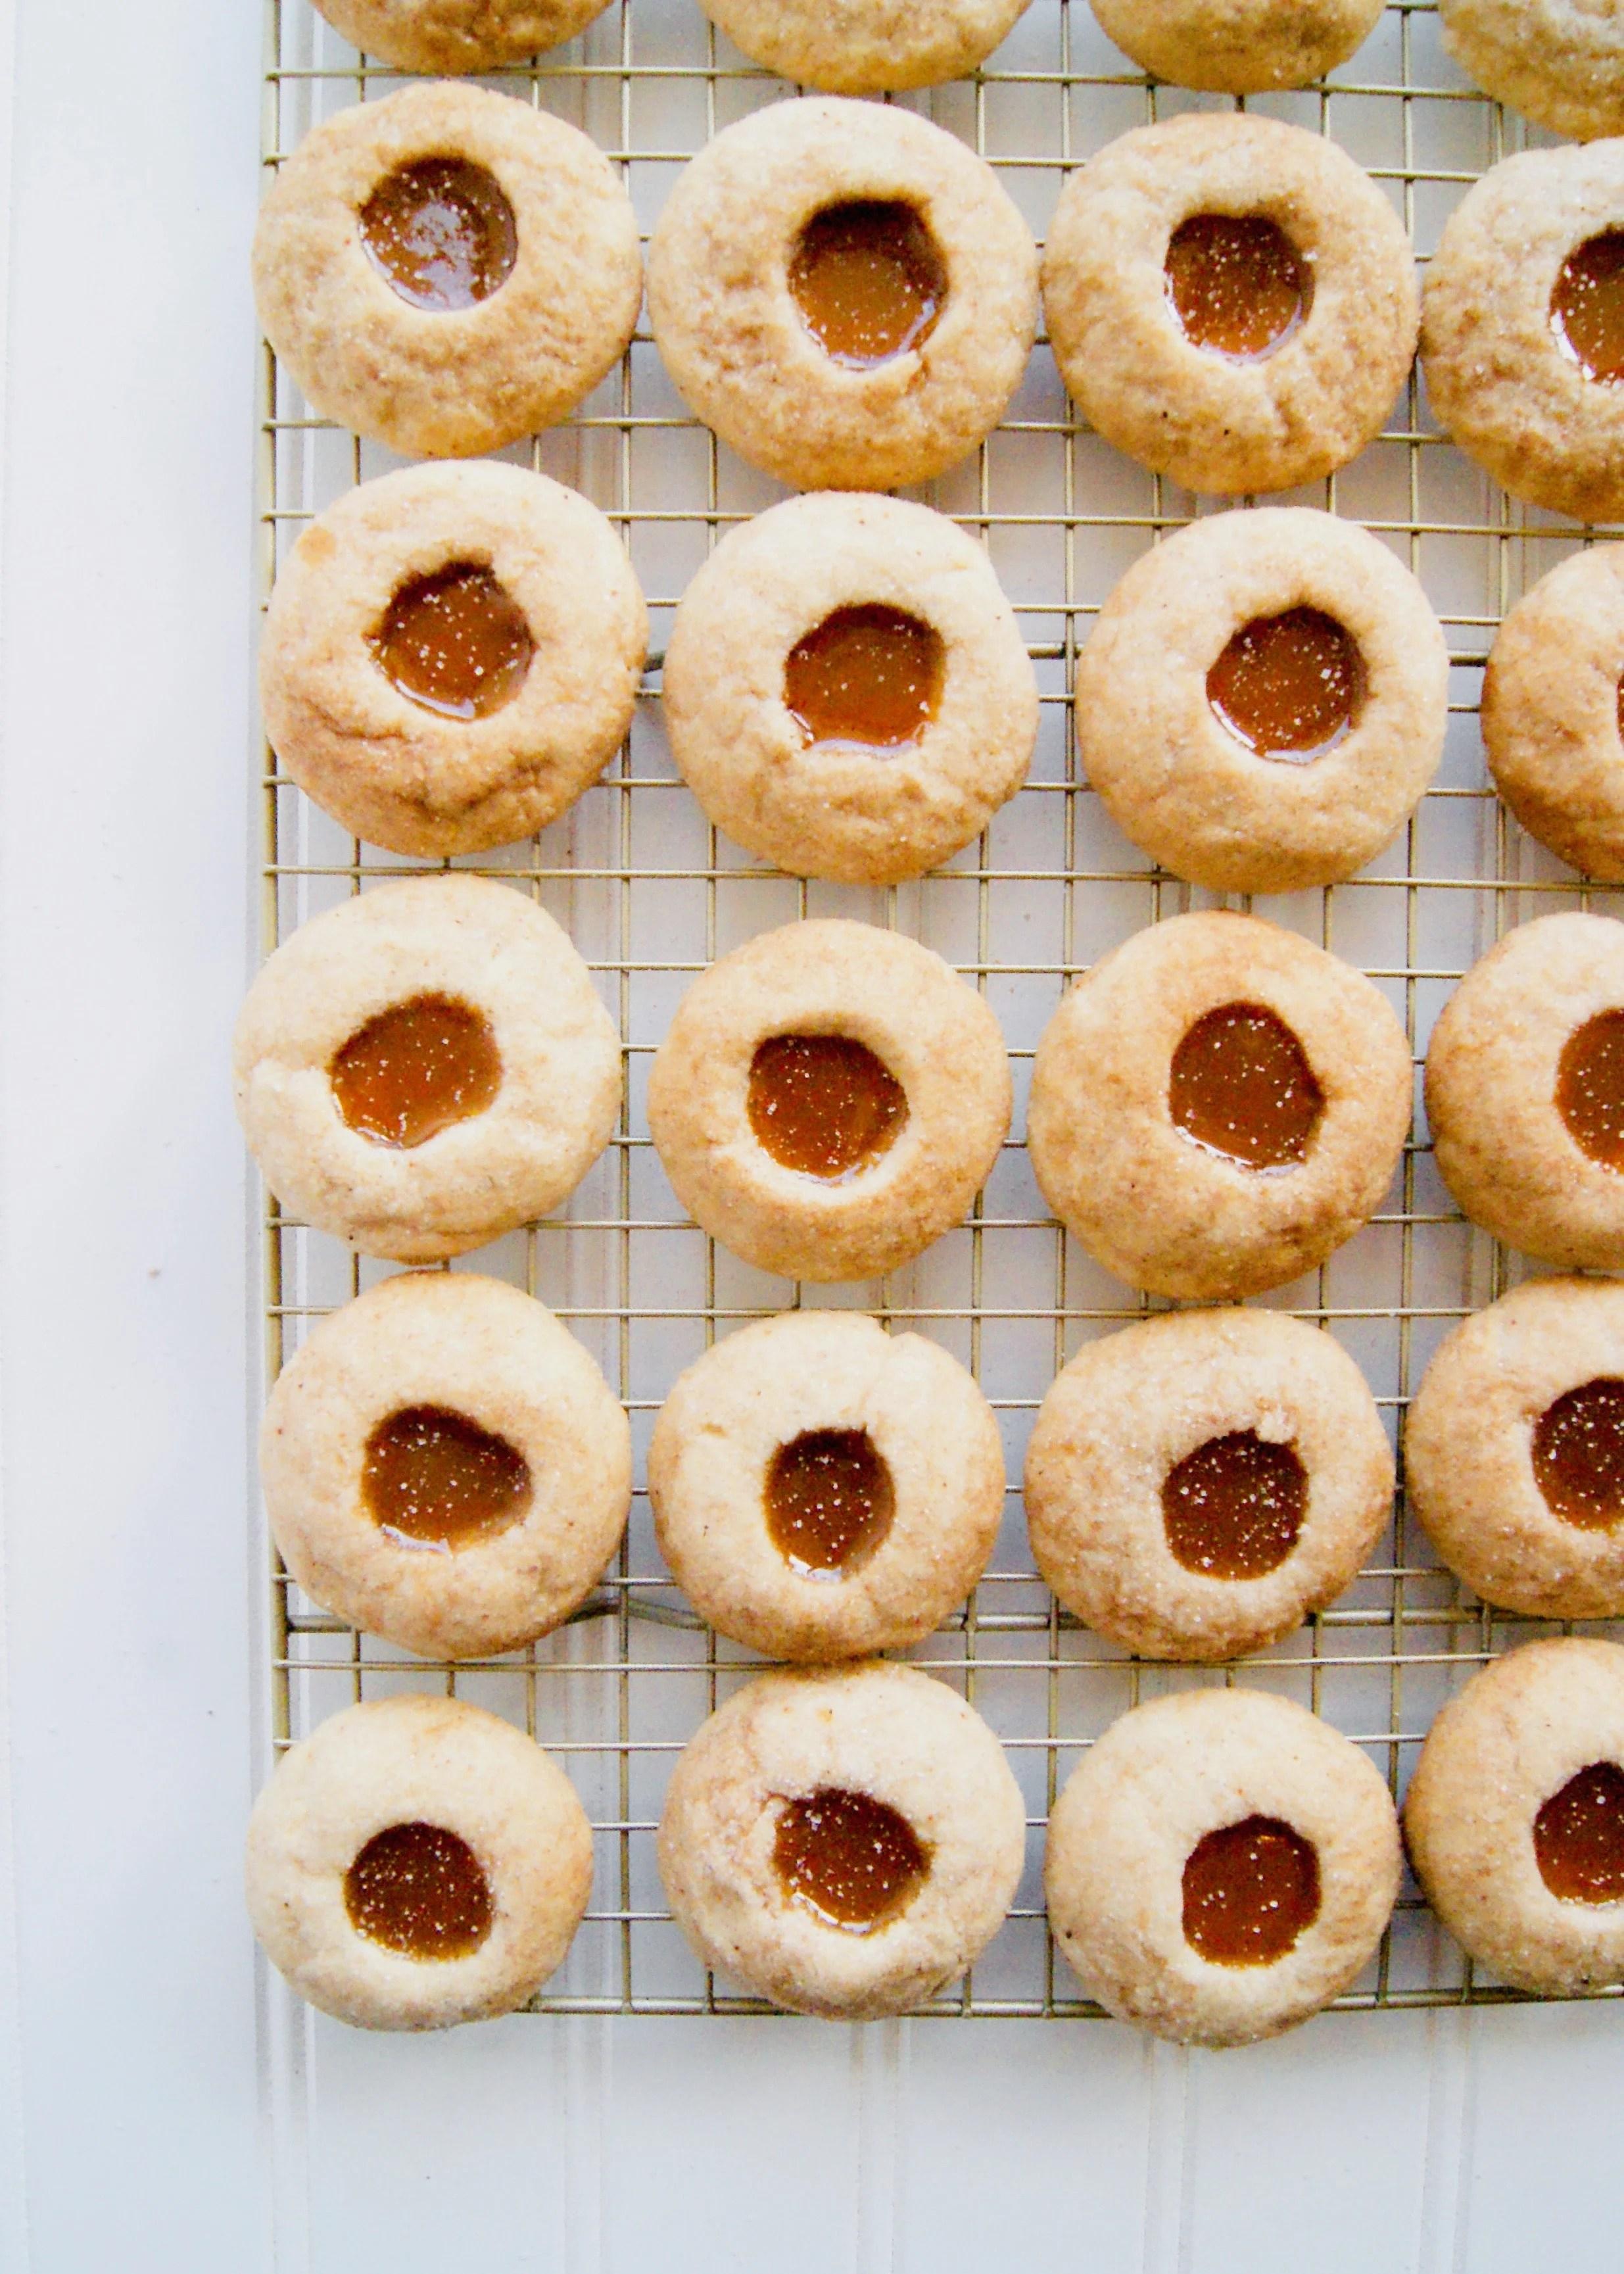 Caramel Apple Thumbprint Cookies